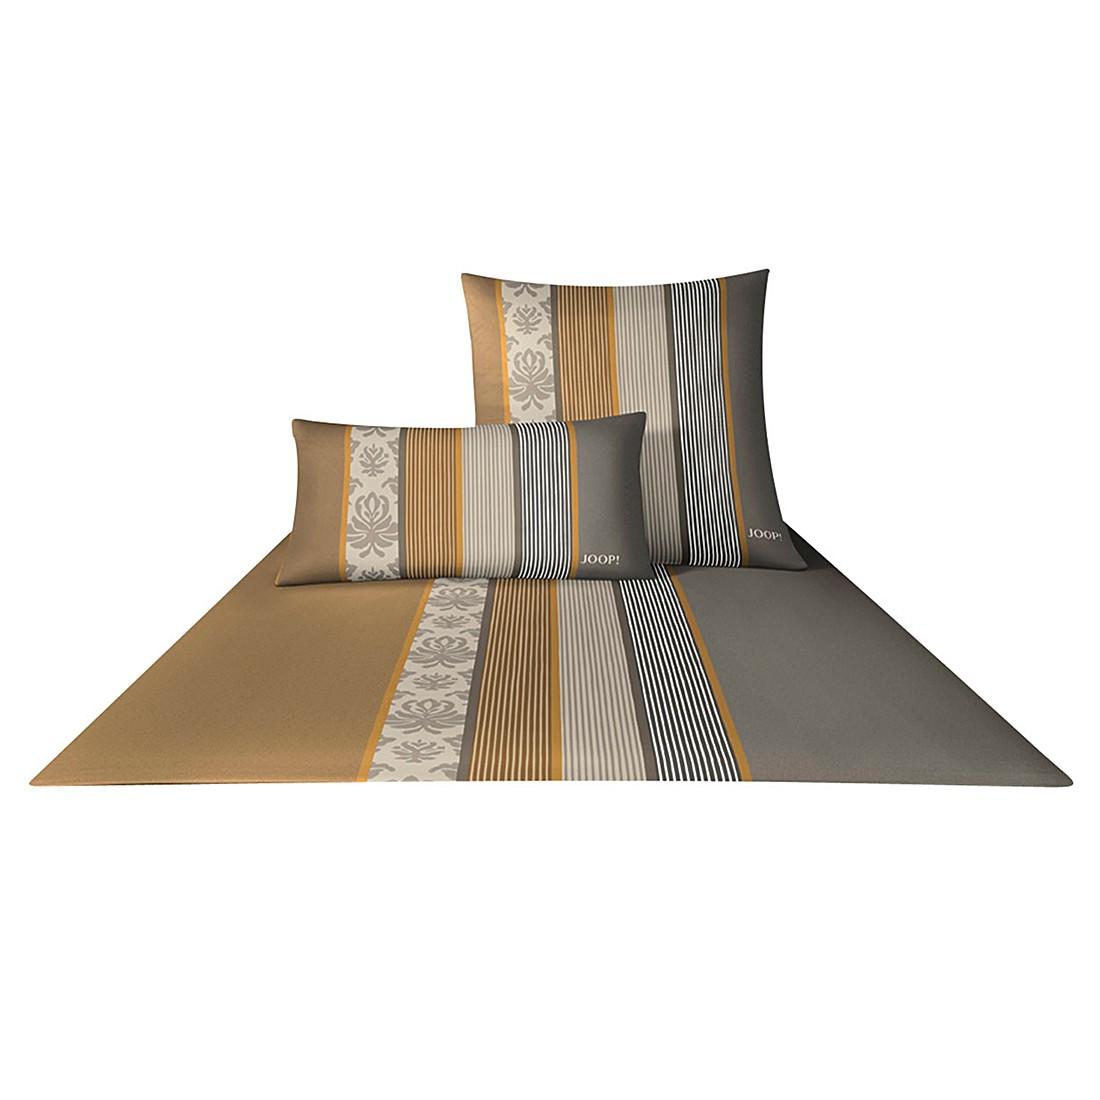 Bettwäsche Mako-Satin Ornament Stripe 4022 – Baumwolle – Muskat – 80×80 cm – 135×200 cm, Joop online kaufen